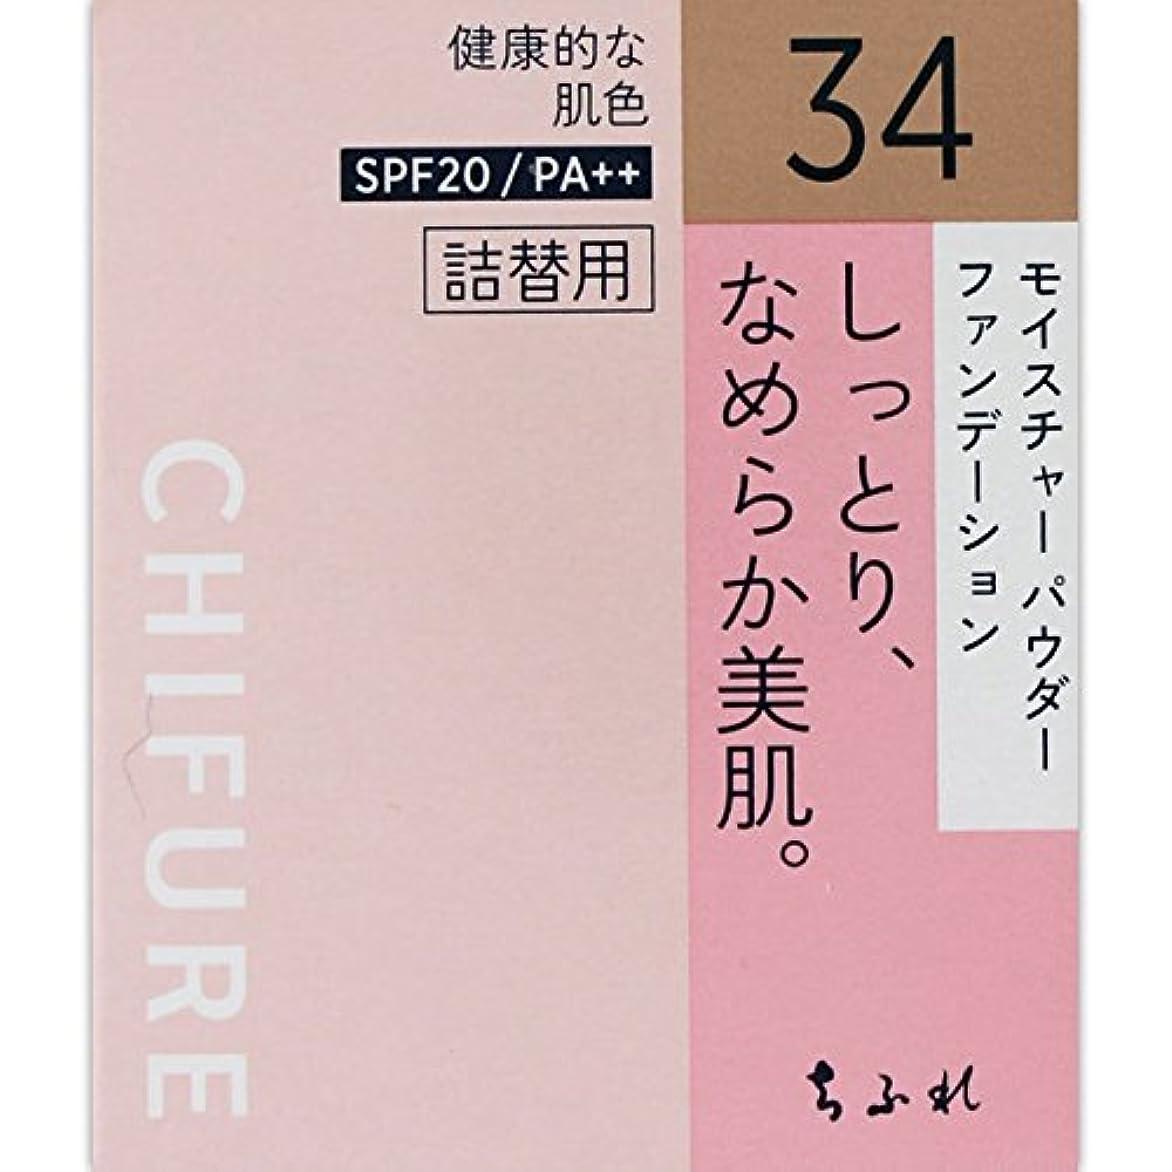 万歳悪のファウルちふれ化粧品 モイスチャー パウダーファンデーション 詰替用 オークル系 MパウダーFD詰替用34